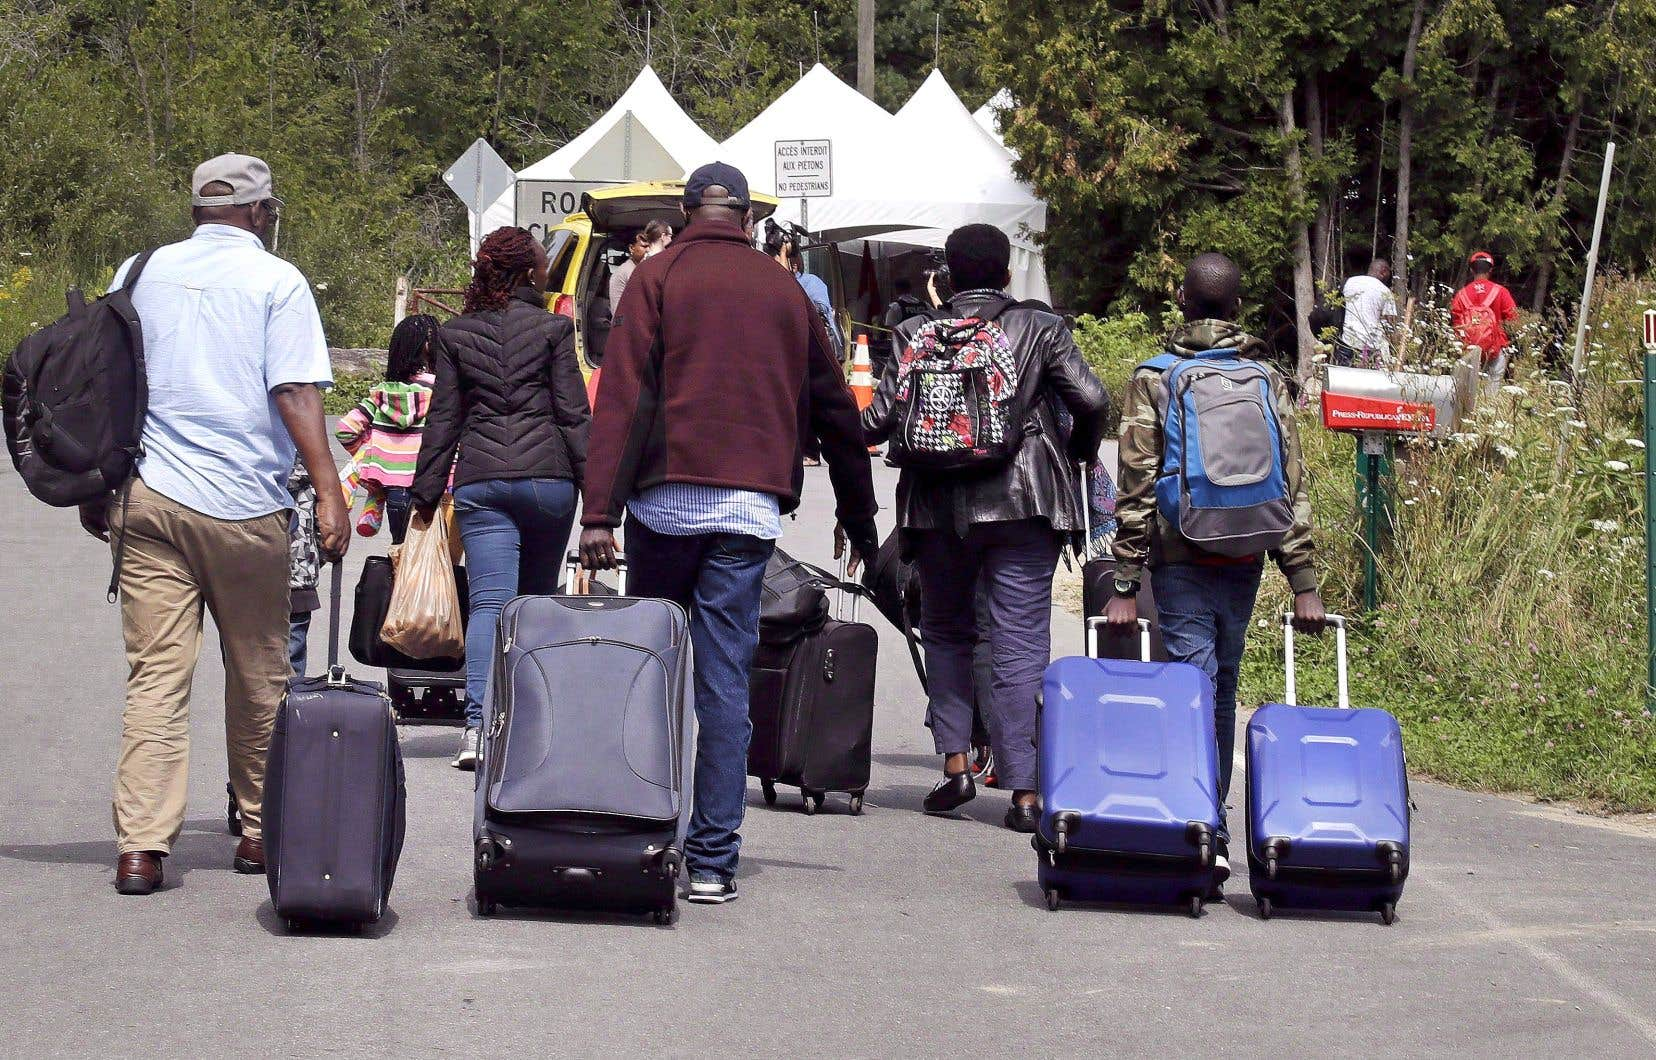 Les demandes d'asile ont explosé en 2017, notamment en raison de l'afflux de migrants irréguliers qui passent par le chemin Roxham.